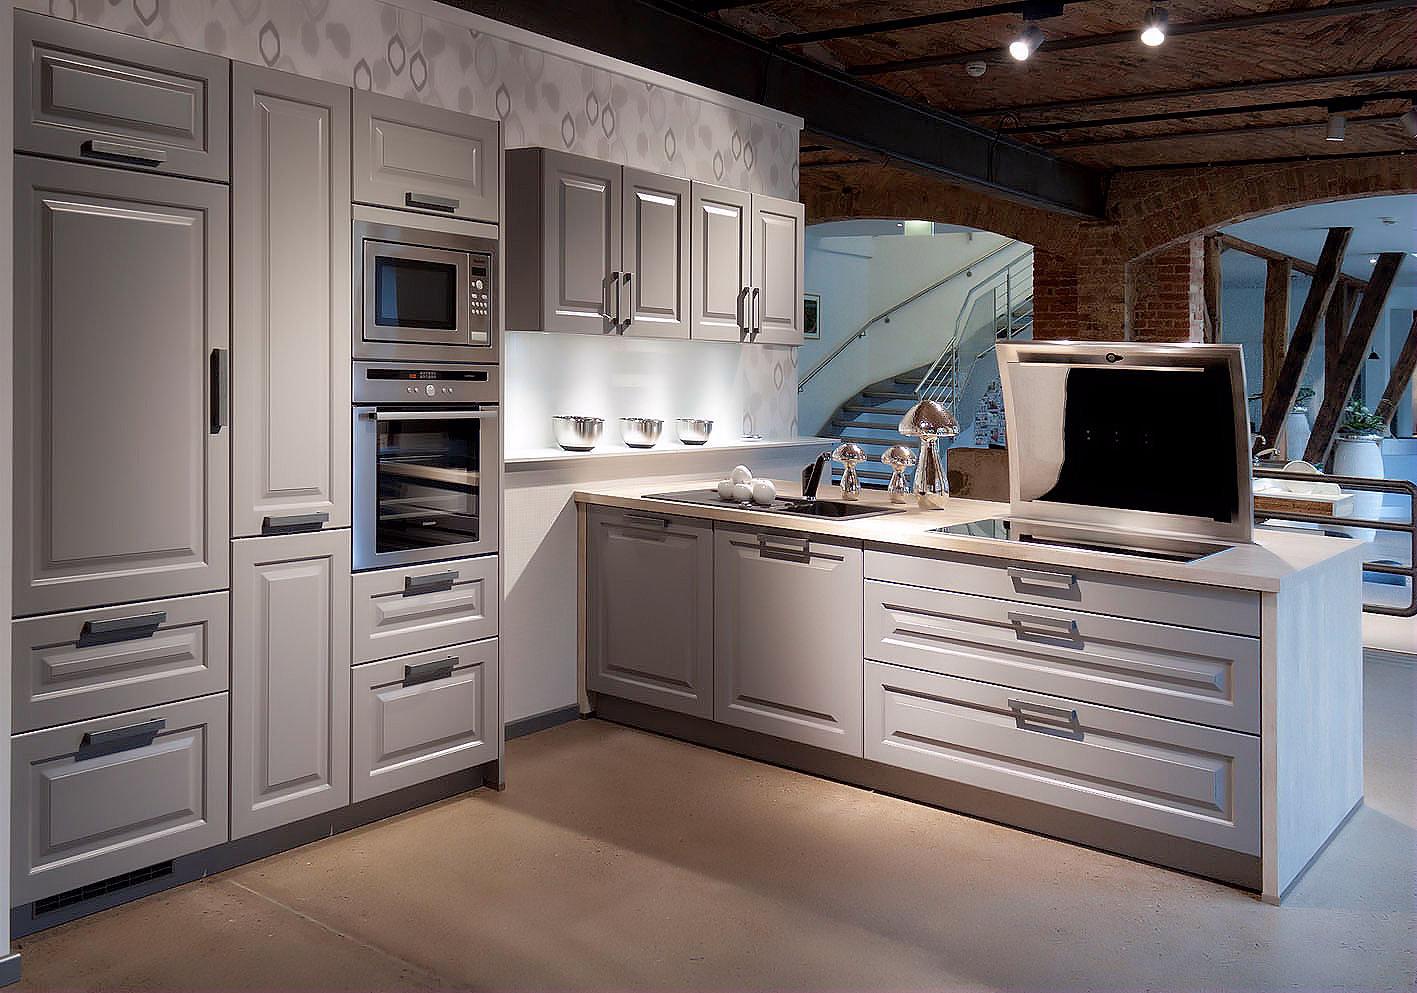 k mo k chen m nchen trudering einbauk chen landhausk che. Black Bedroom Furniture Sets. Home Design Ideas